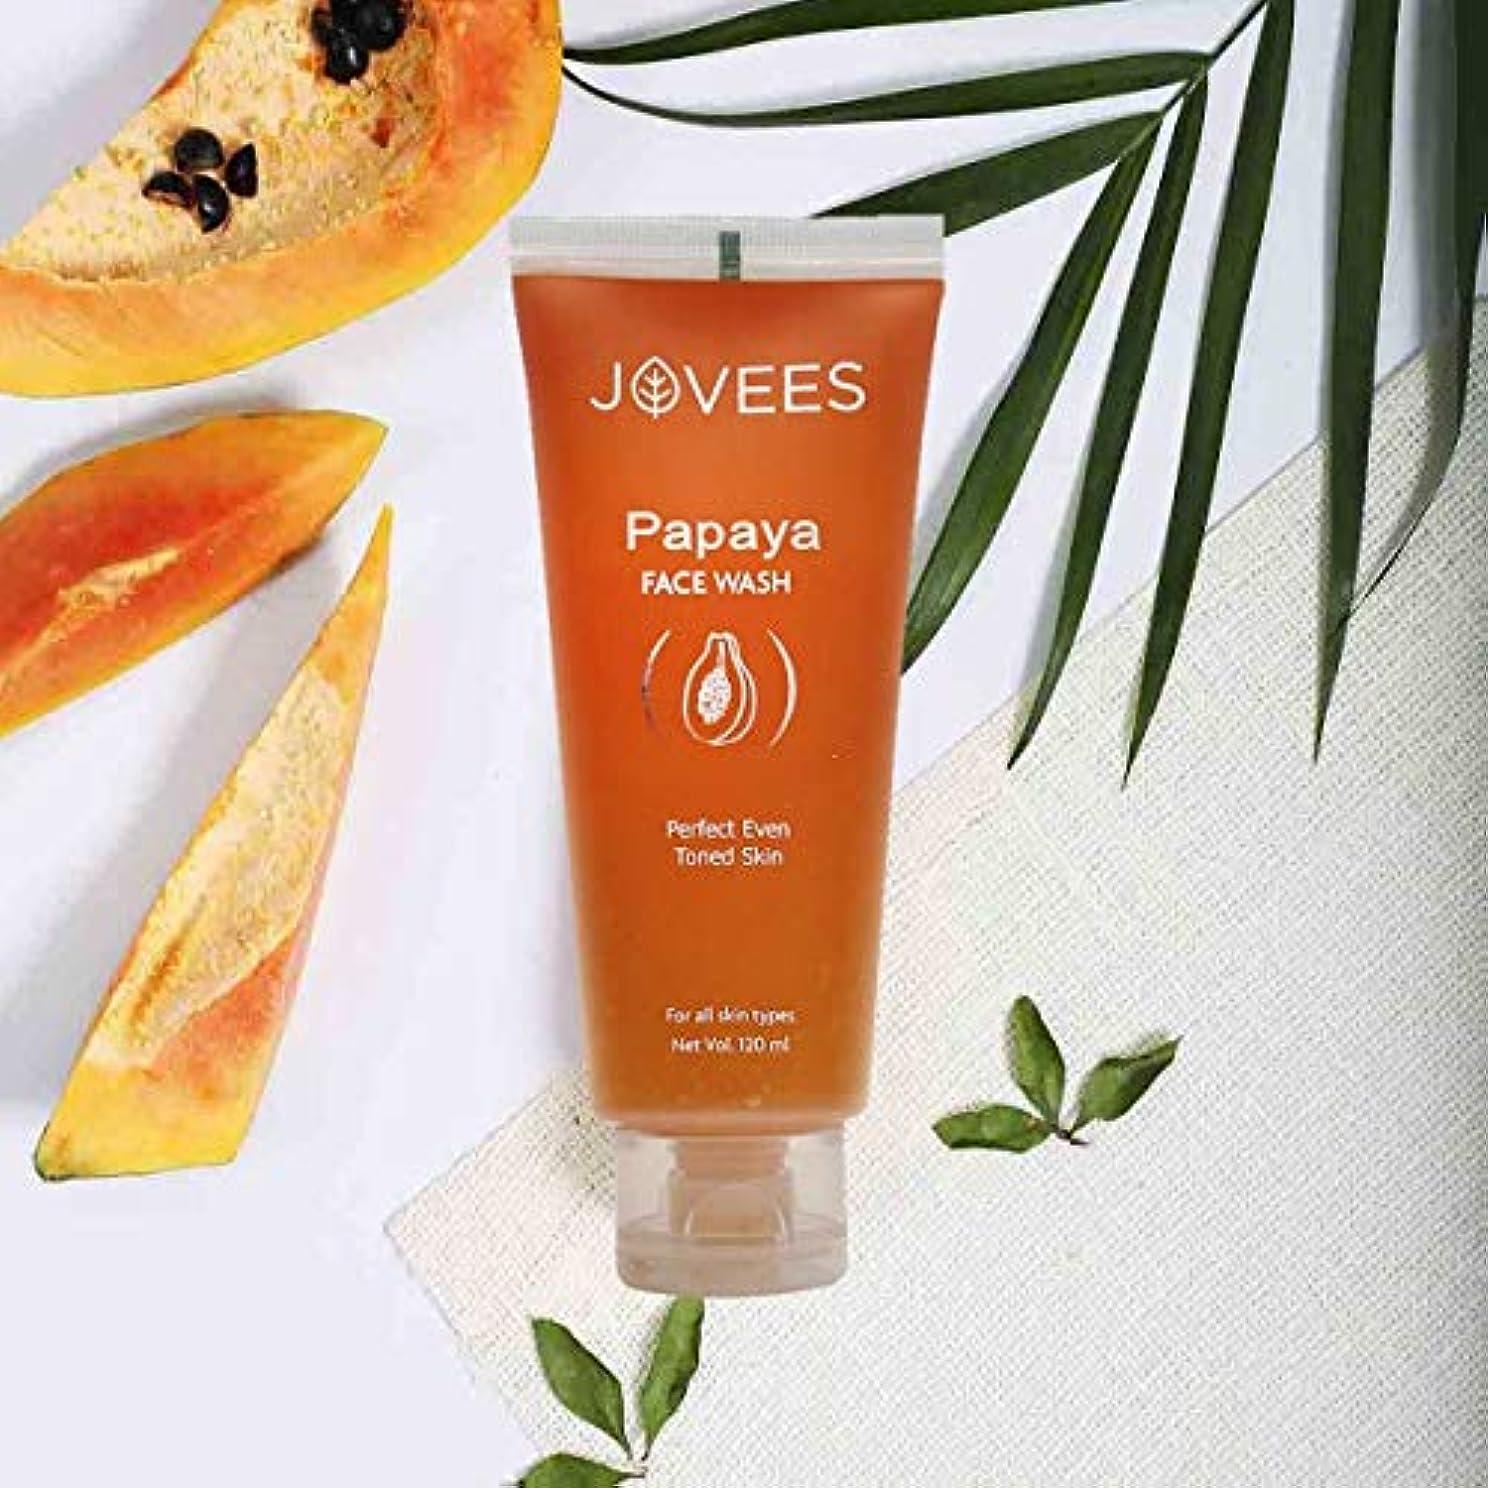 項目忍耐処理Jovees Papaya Face Wash 120ml Papaya & Vitamin A For Perfect Even Toned Skin パパイヤ洗顔用パパイヤ&ビタミンA